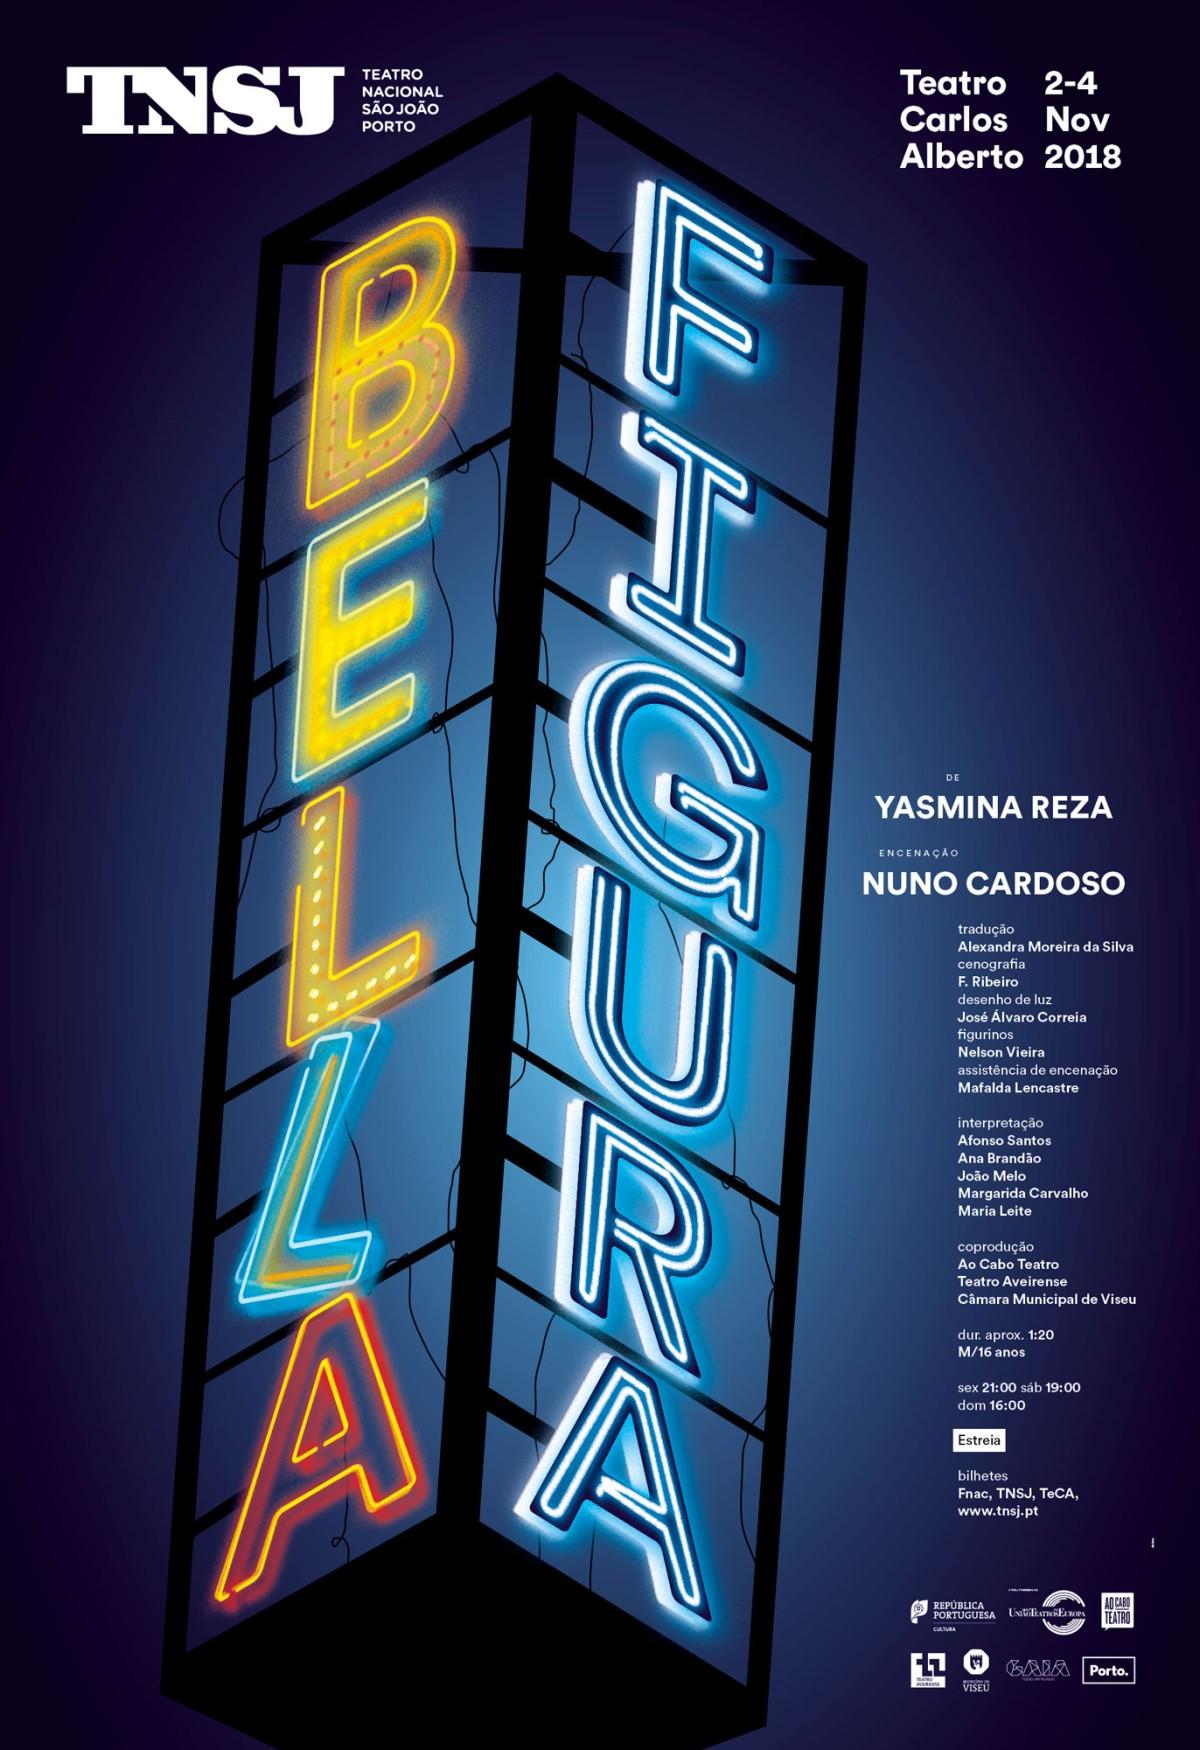 São João National Theatre Posters 2017-2018 Image:3.2